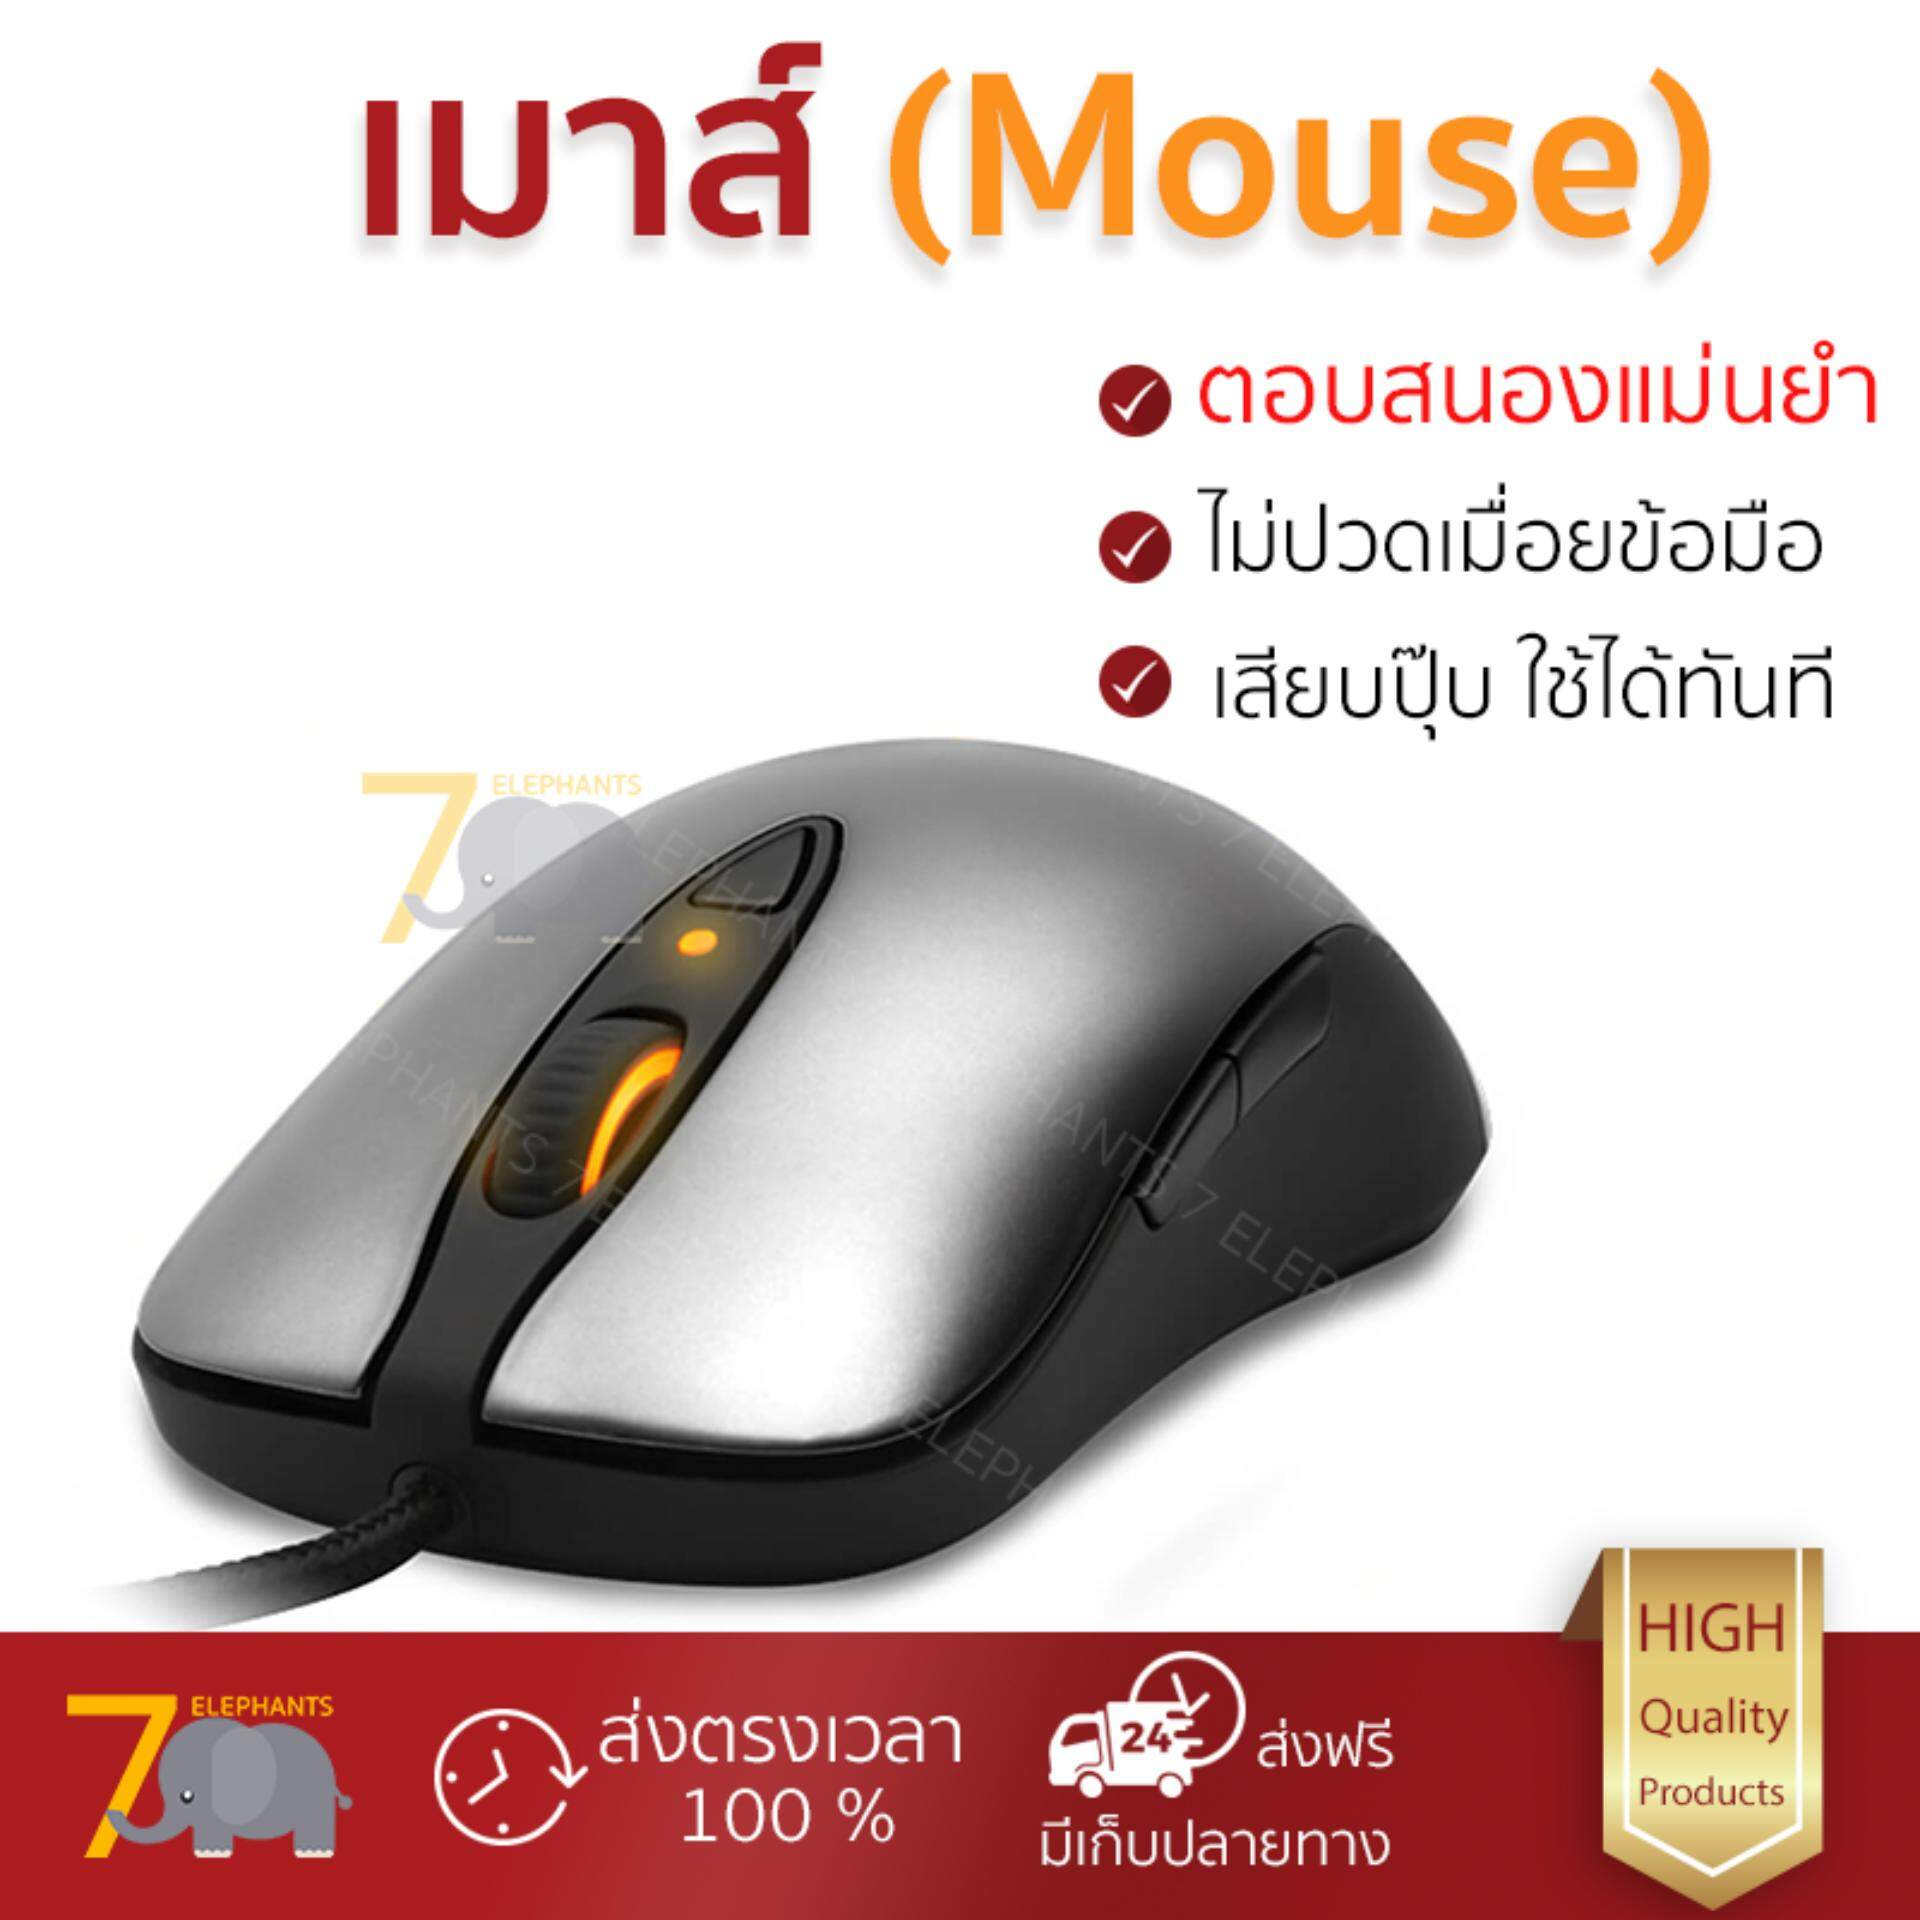 ลดสุดๆ รุ่นใหม่ล่าสุด เมาส์           STEELSERIES เมาส์เกมมิ่ง (สีเทา) รุ่น Sensei             เซนเซอร์คุณภาพสูง ทำงานได้ลื่นไหล ไม่มีสะดุด Computer Mouse  รับประกันสินค้า 1 ปี จัดส่งฟรี Kerry ทั่วประ